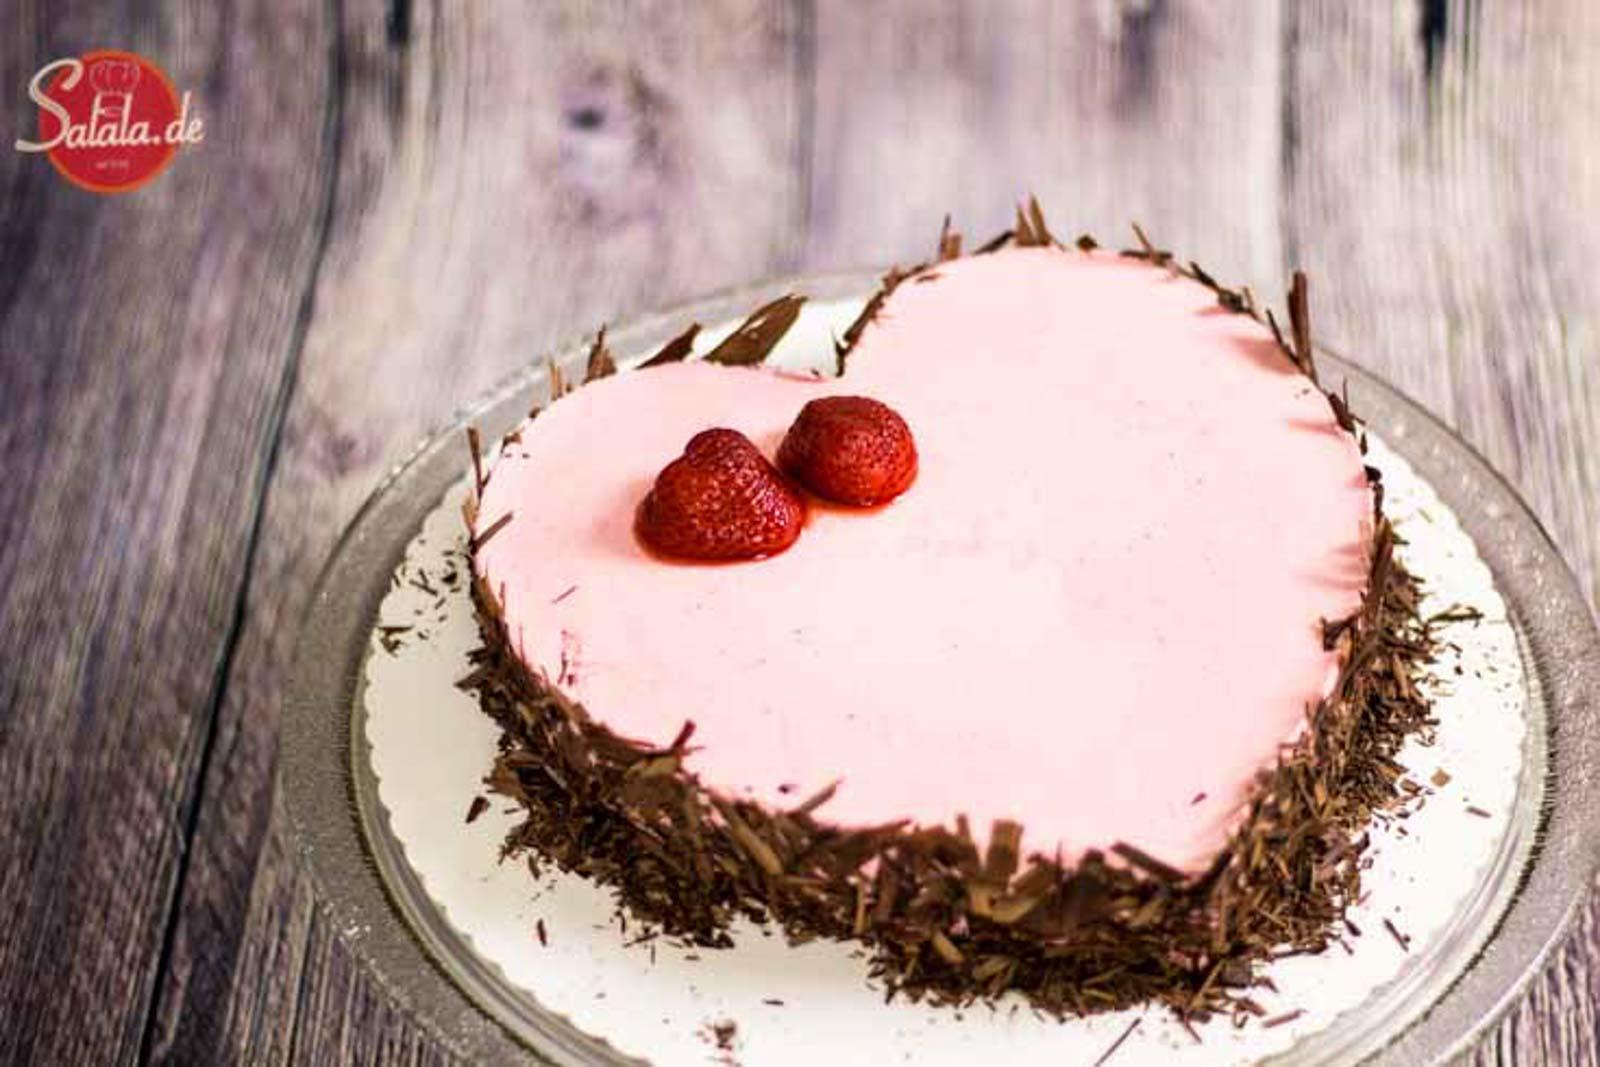 Sahniges Erdbeerherz zum Valentinstag - by salala.de - Low Carb Torte ohne Zucker ohne Mehl glutenfrei Sahne Erdbeeren Motivtorte zuckerfrei